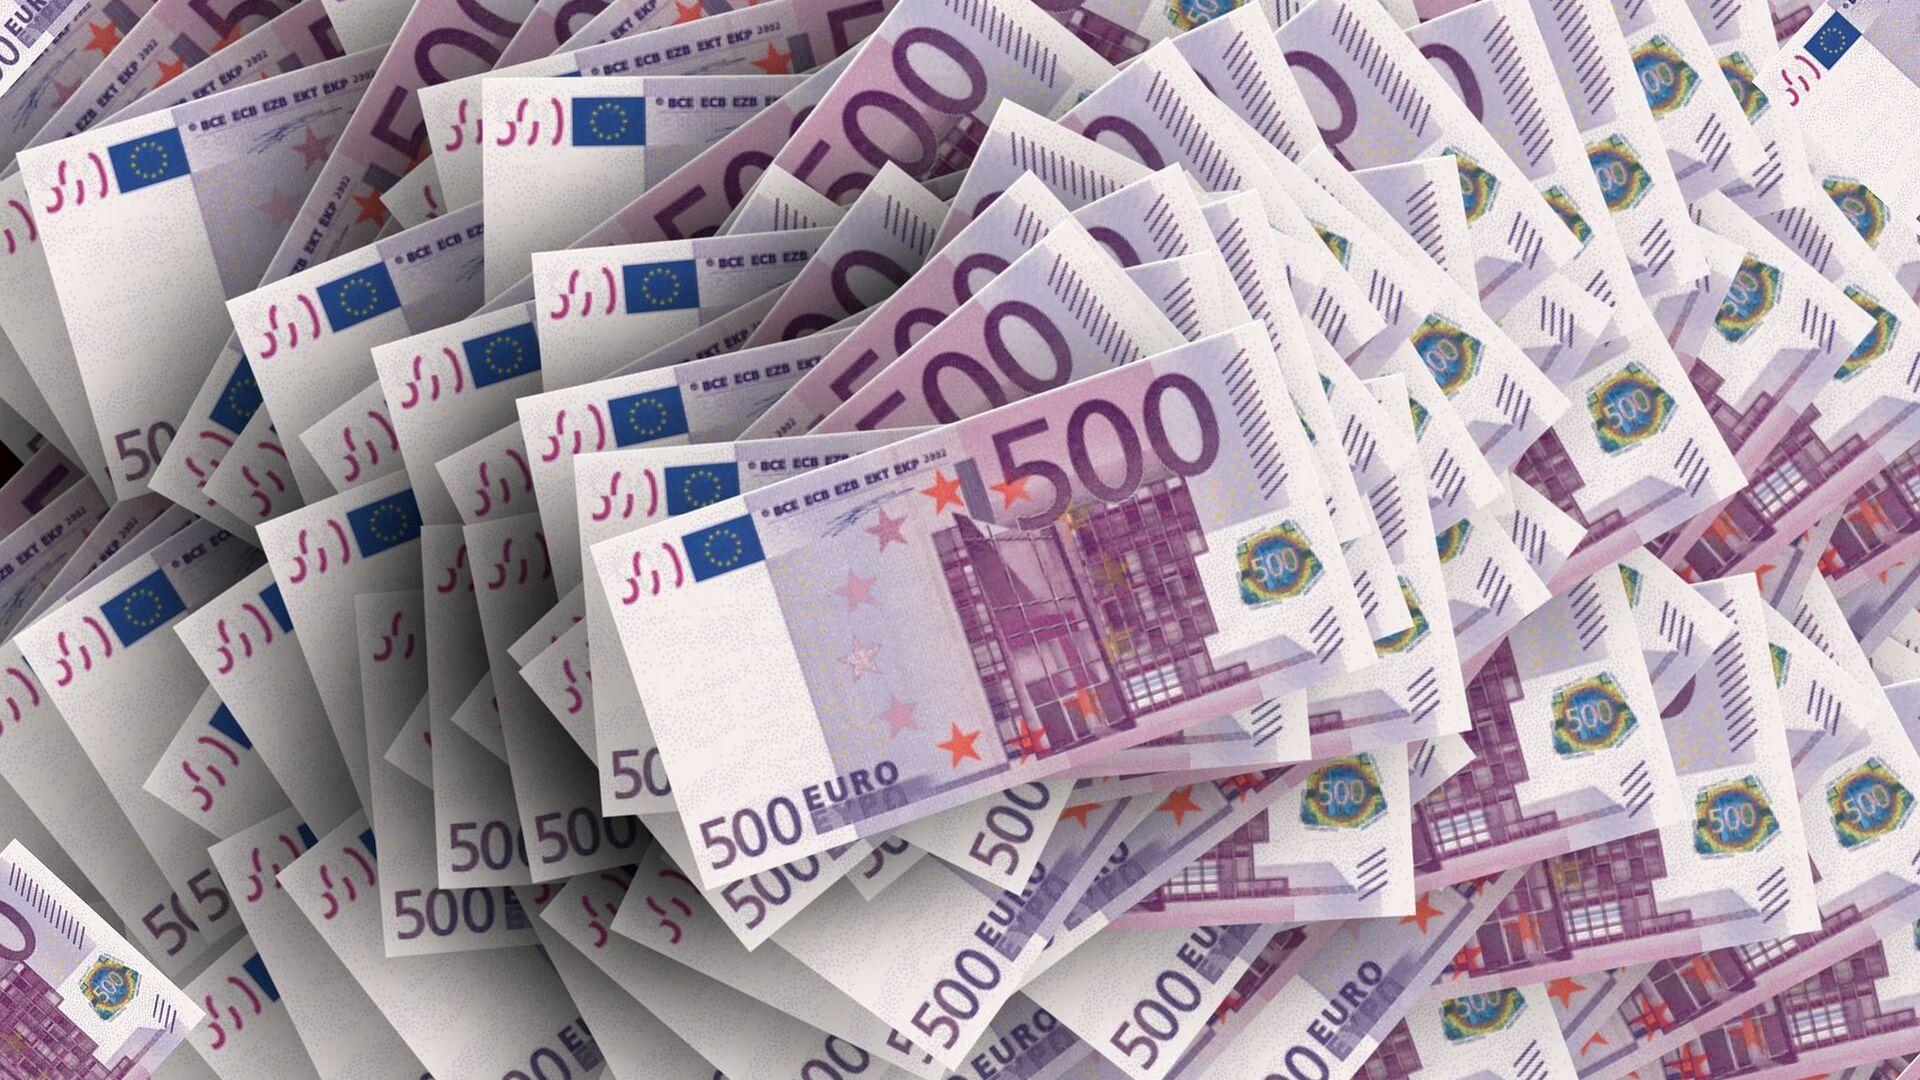 Bankovky v hodnotě 500 eur - Sputnik Česká republika, 1920, 03.07.2021